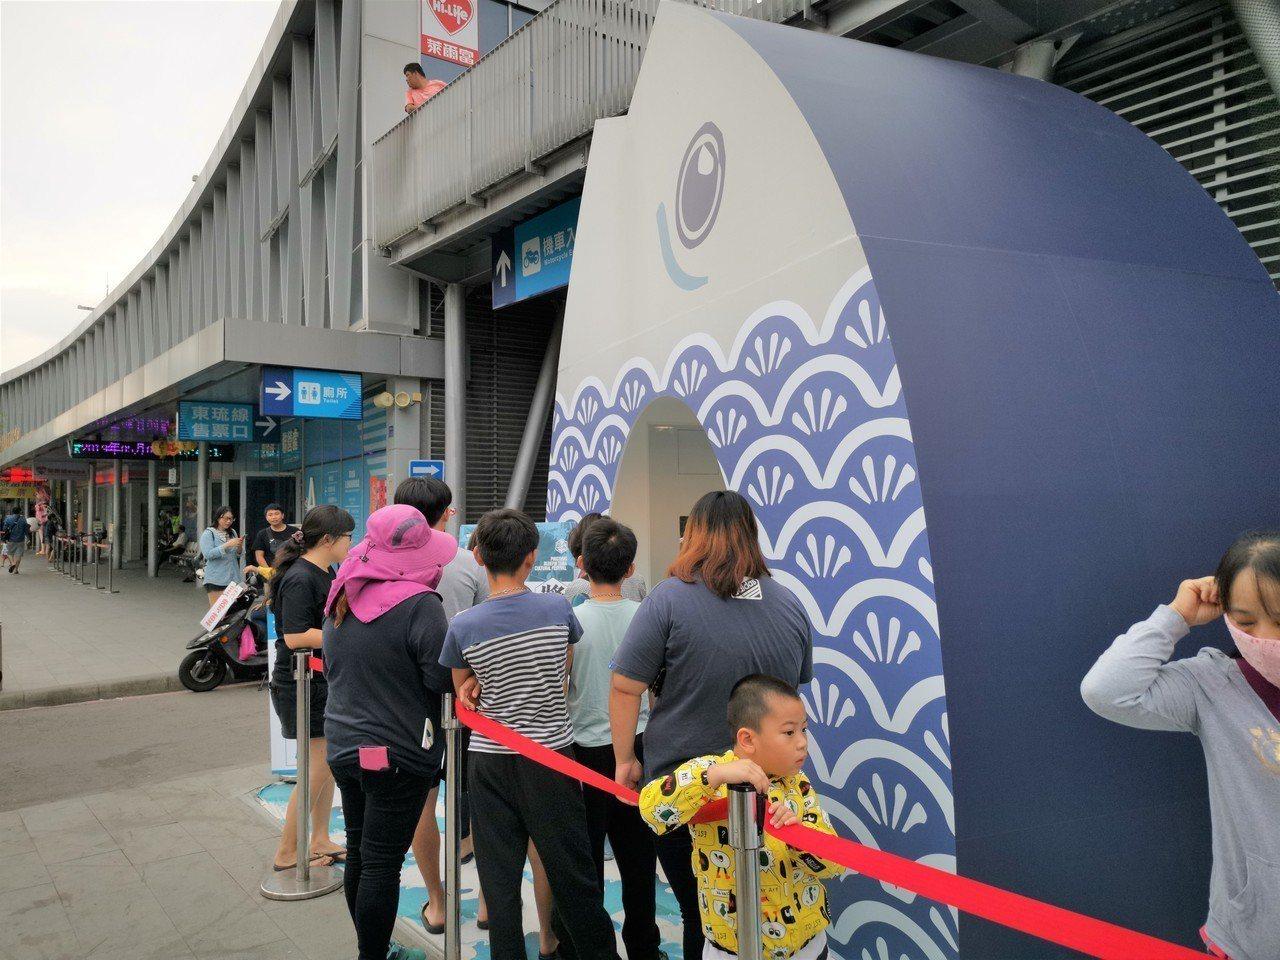 屏東縣政府在東琉線碼頭旁推出4公尺高的「大鮪扭蛋機」,自5月4日開放後,首波推出...